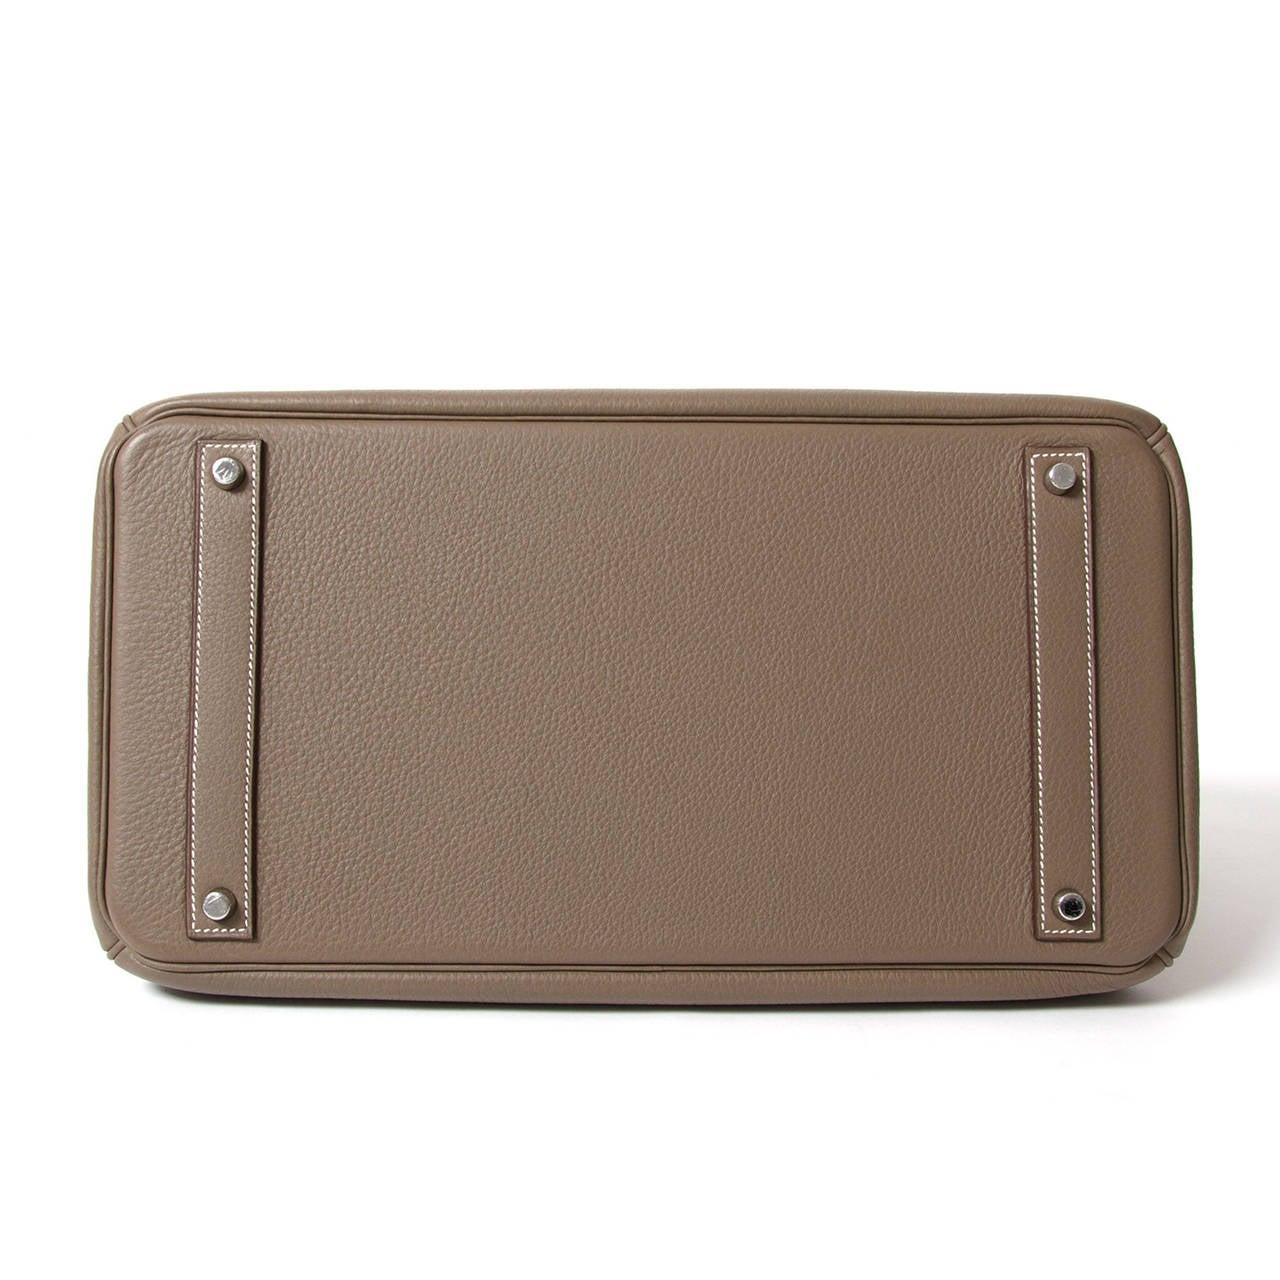 Hermès Birkin Bag 40cm Togo Etoupe Grey PHW 4